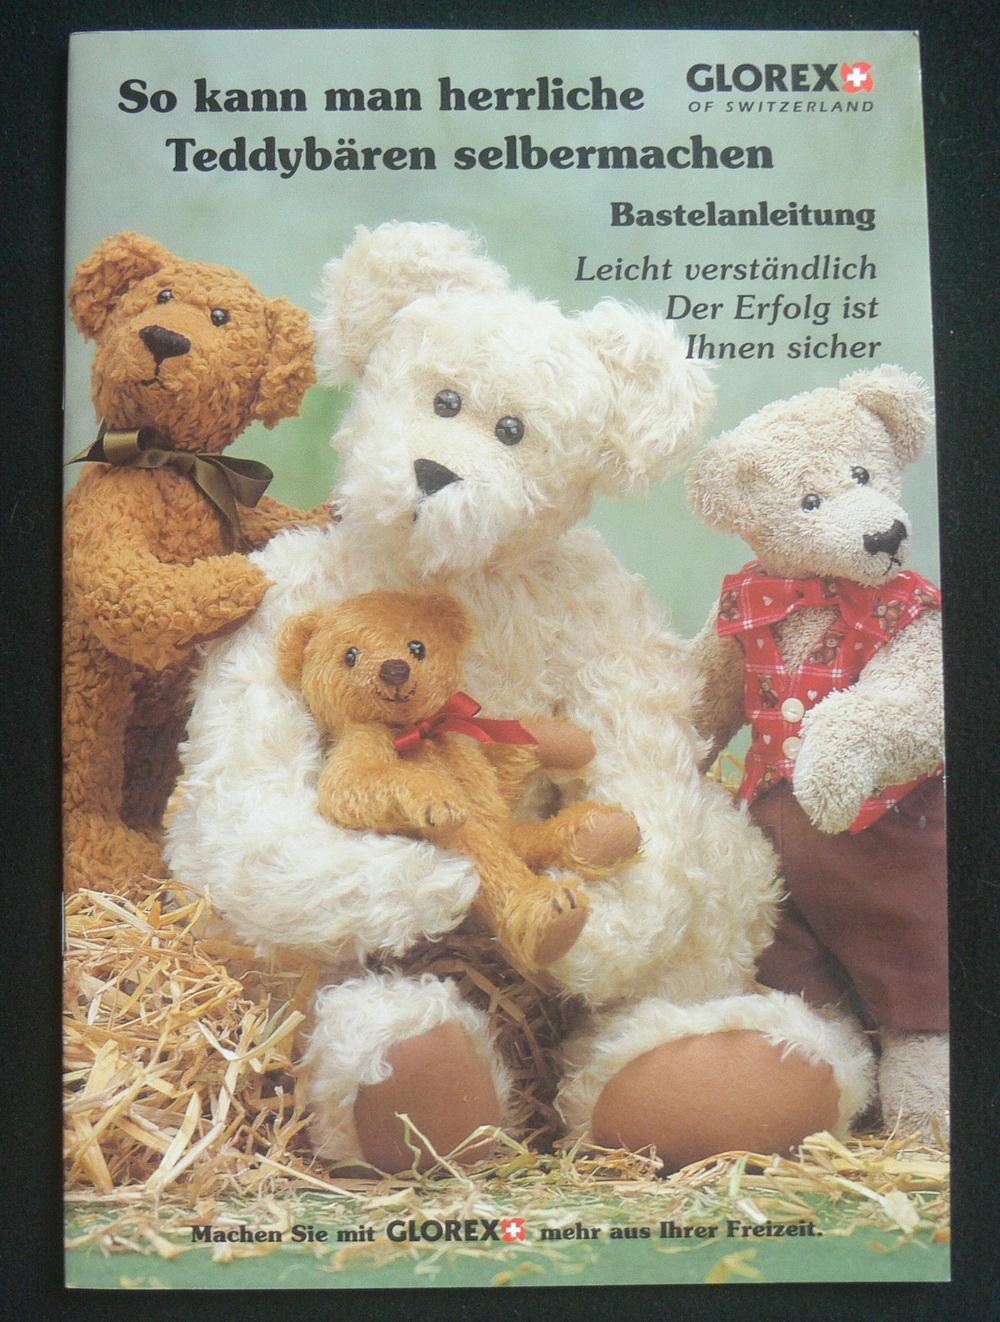 so kann man herrliche teddybären selbermachen (glorex)